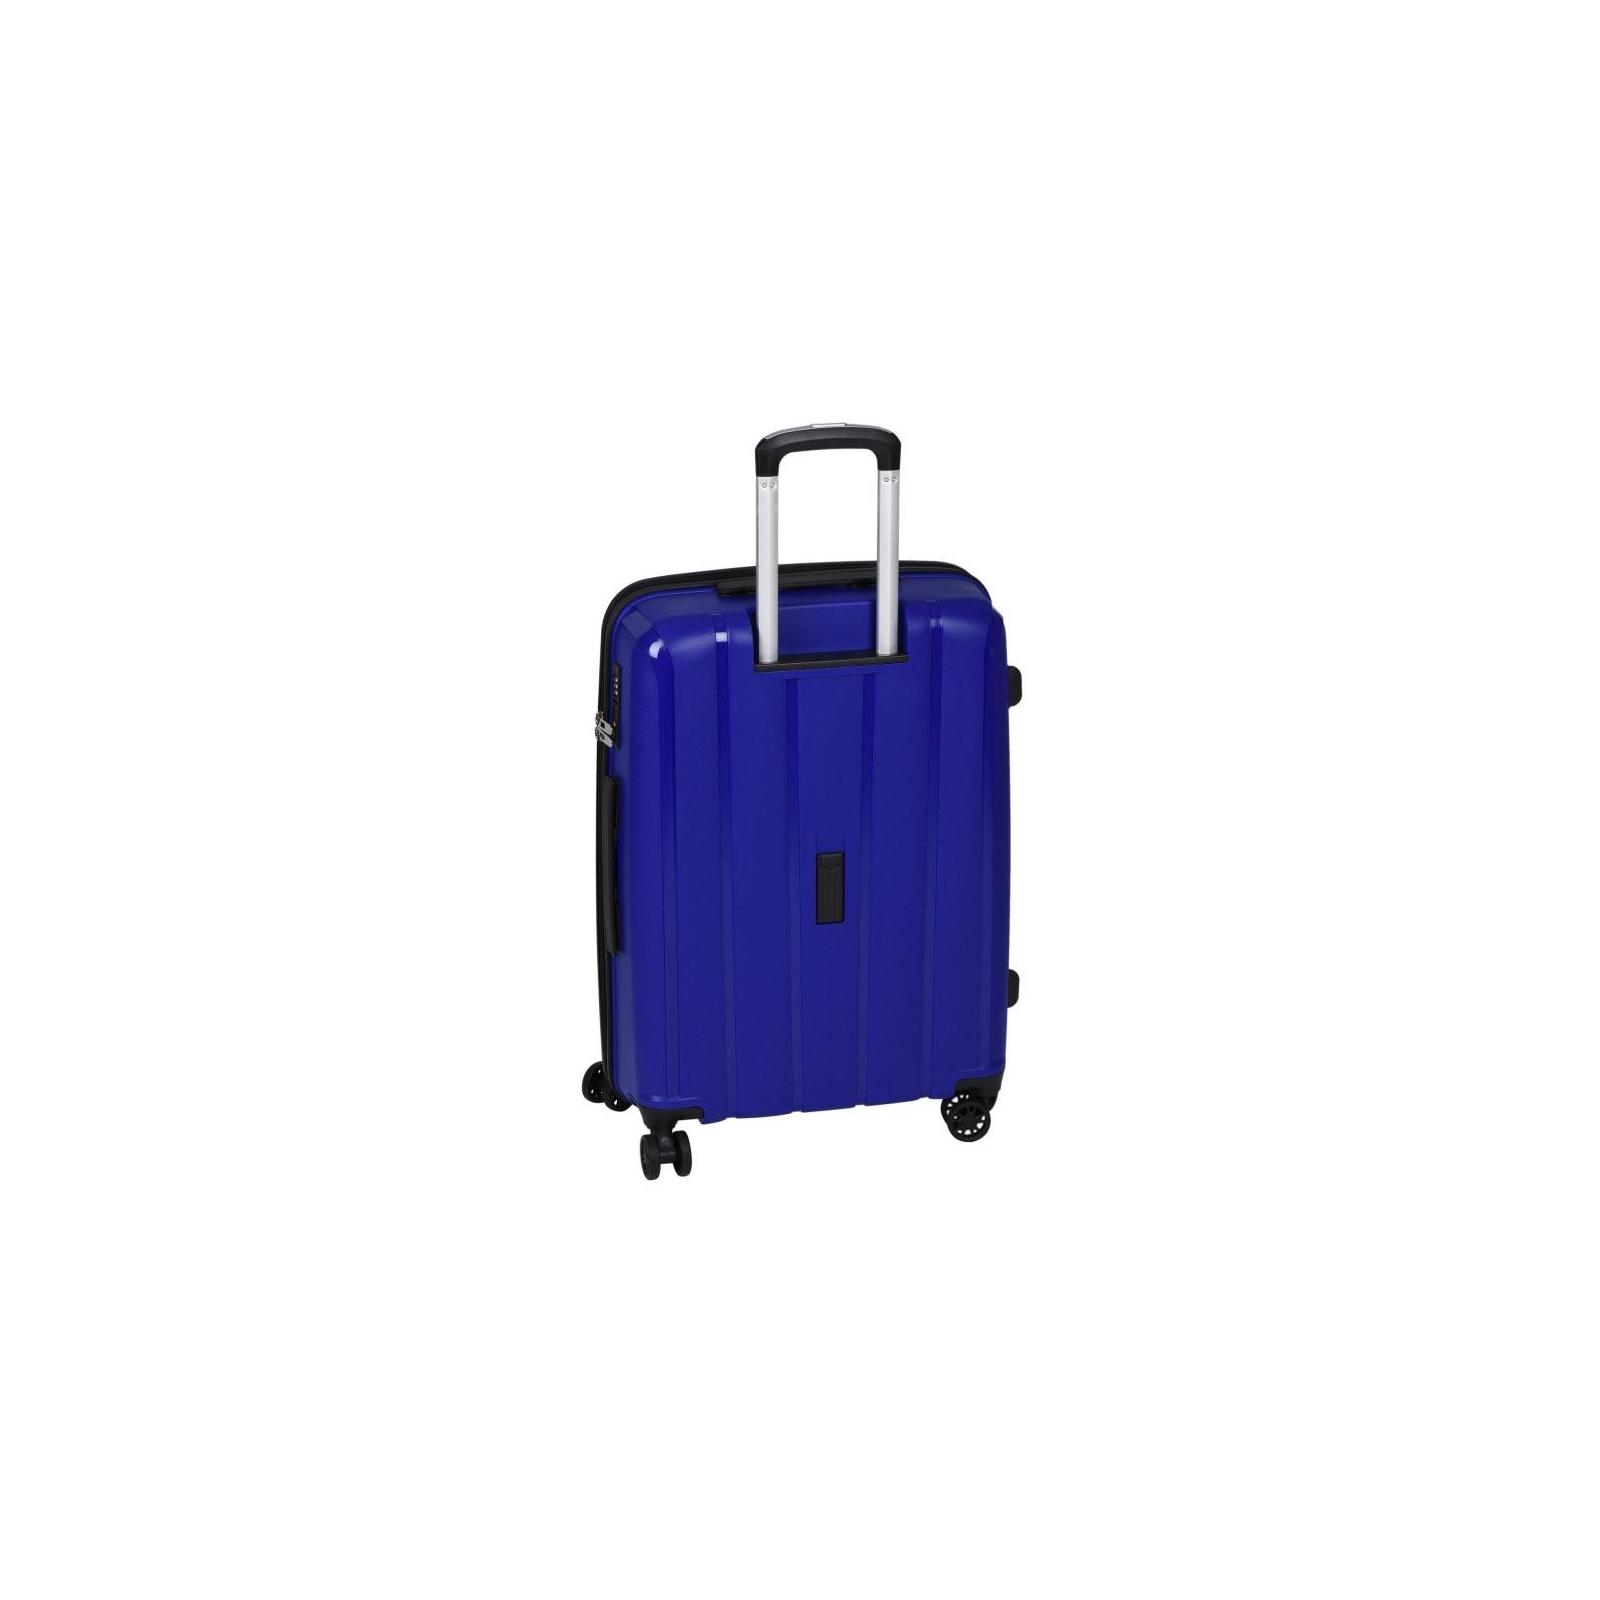 Чемодан 2E Youngster средний синий (2E-SPPY-M-NV) изображение 3